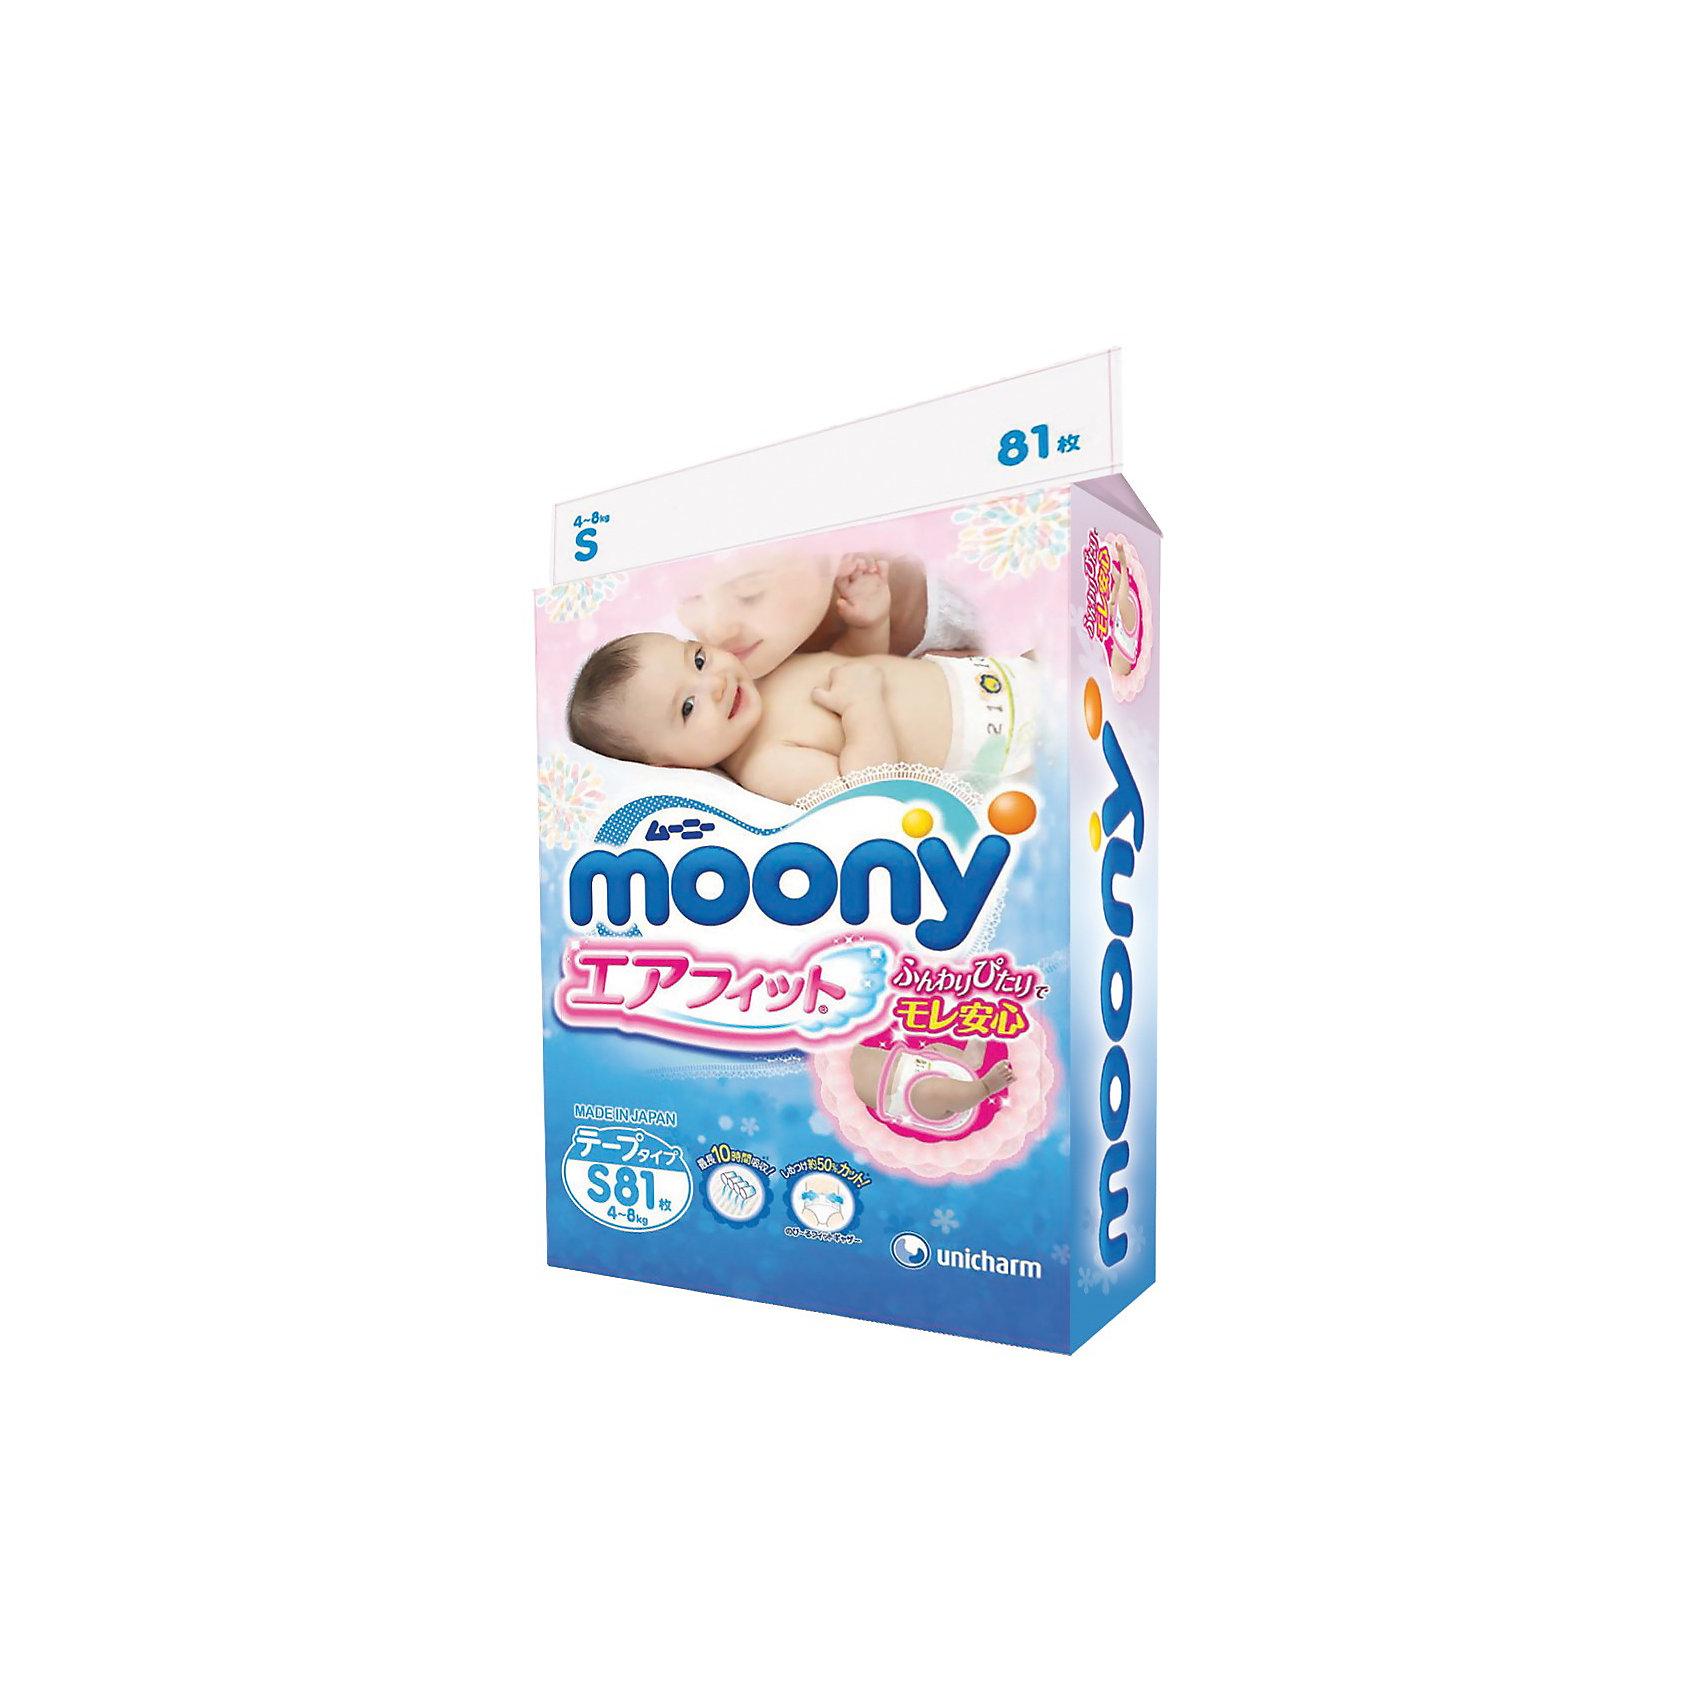 Подгузники Moony Econom, S 4-8 кг, 81 шт.Подгузники Moony Econom S 4-8 кг изготовлены из натуральных природных материалов.<br><br>Внутренняя поверхность подгузника — мягкая сеточка с примесью натурального хлопка; благодаря его отличной впитывающей способности кожа ребенка всегда остается сухой. Легкая «дышащая» поверхность подгузников обеспечивает доступ воздуха к коже ребенка.<br><br>Впитывающие высокие бортики и специальные резинки по бокам плотно прилегают к ножкам ребенка и препятствуют протеканию. Эластичная фиксирующая лента свободно растягивается на 2,5-3 см, не сковывая движения малыша. Клейкая лента повторного использования позволяет многократно застёгивать и расстегивать подгузник.<br><br>Внутренний слой подгузников Moony Econom S 4-8 кг пропитан экстрактами растений (гамамелиса, ромашки, эвкалипта), известных благодаря антисептическим и антибактериальным качествам, а также смягчающим и увлажняющим свойствам.<br><br>Полоски-индикаторы подскажут, когда придет время менять подгузник.<br><br>Дополнительная информация:<br><br>Размер: S, 4-8 кг.<br>В упаковке: 81 шт.<br><br>Подгузники Moony Econom, S 4-8 кг, 81 шт. можно купить в нашем интернет-магазине.<br><br>Ширина мм: 270<br>Глубина мм: 170<br>Высота мм: 380<br>Вес г: 2400<br>Возраст от месяцев: 0<br>Возраст до месяцев: 9<br>Пол: Унисекс<br>Возраст: Детский<br>SKU: 3361335